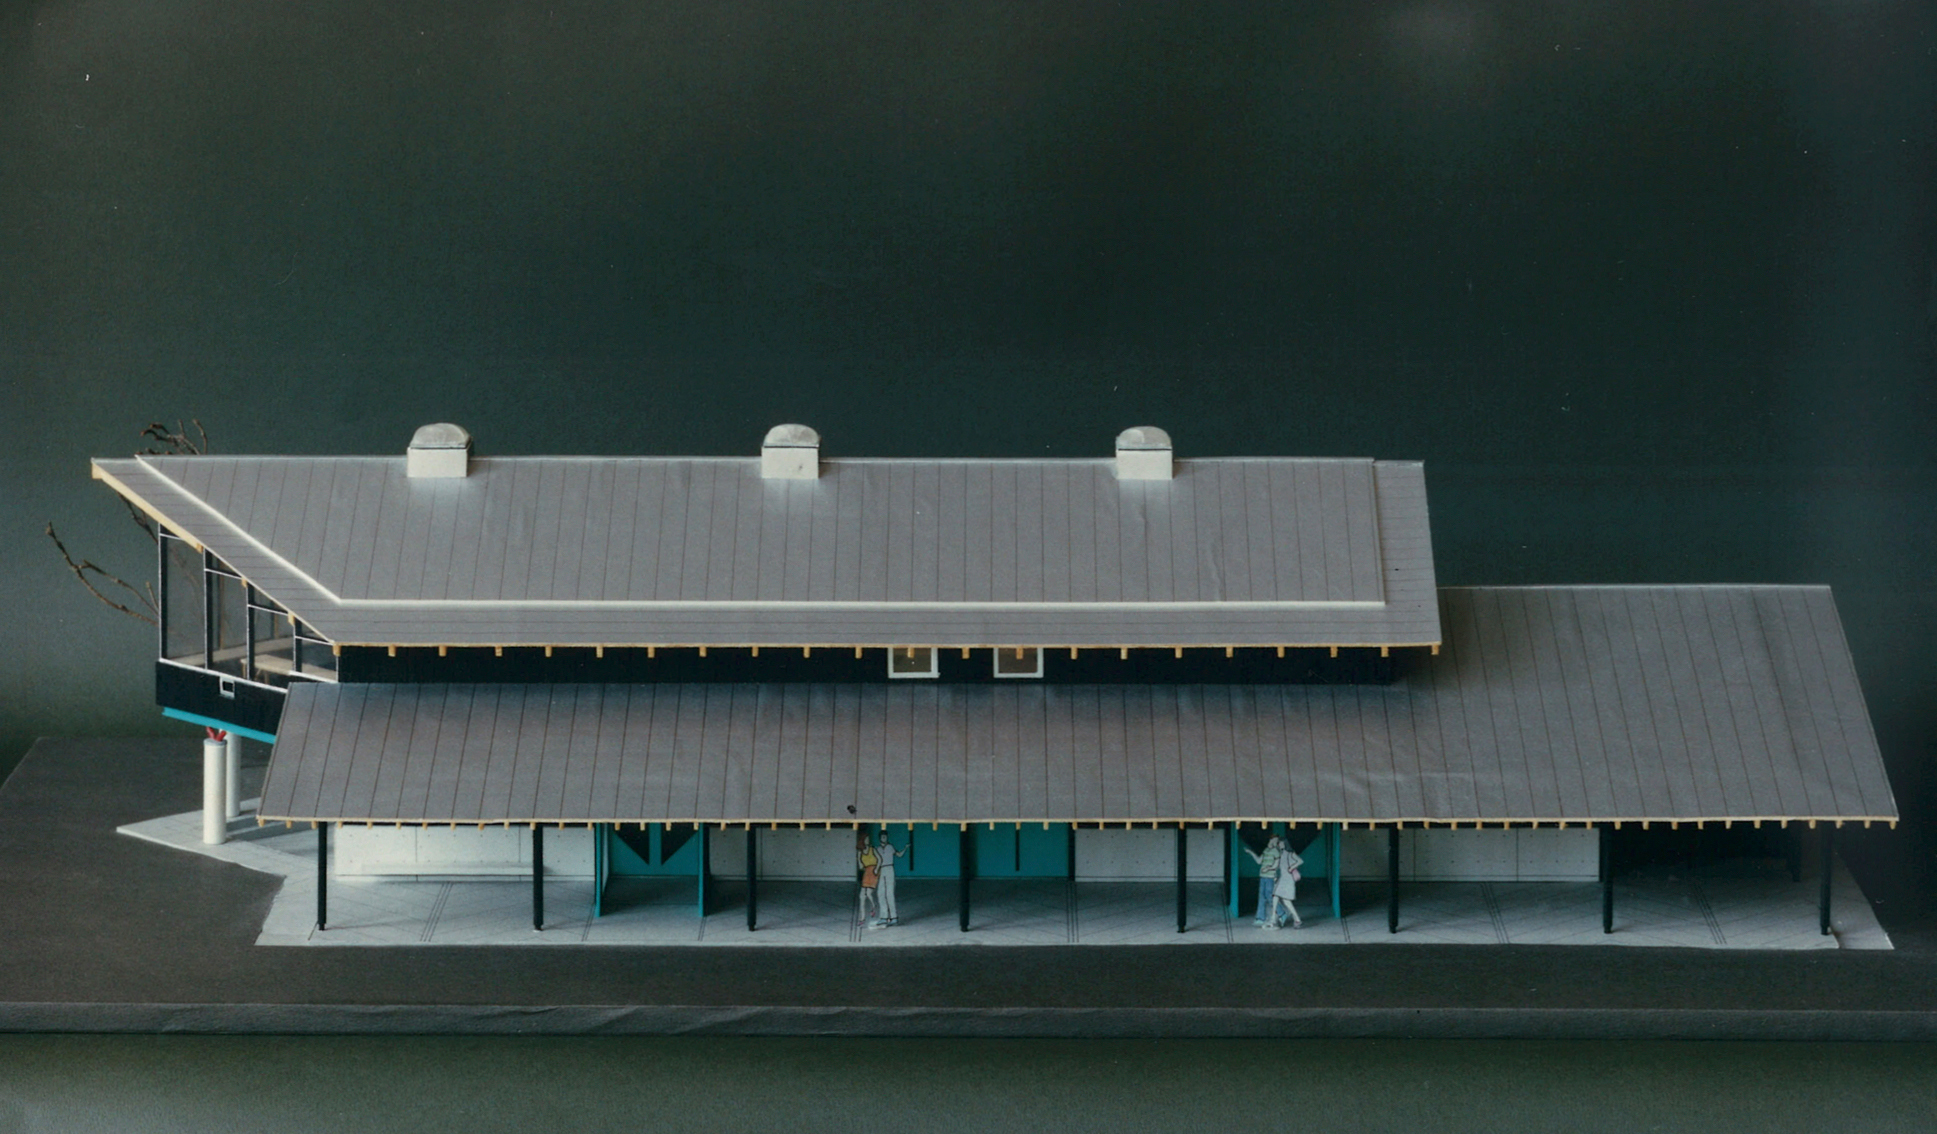 インスタ四季彩館 模型-1